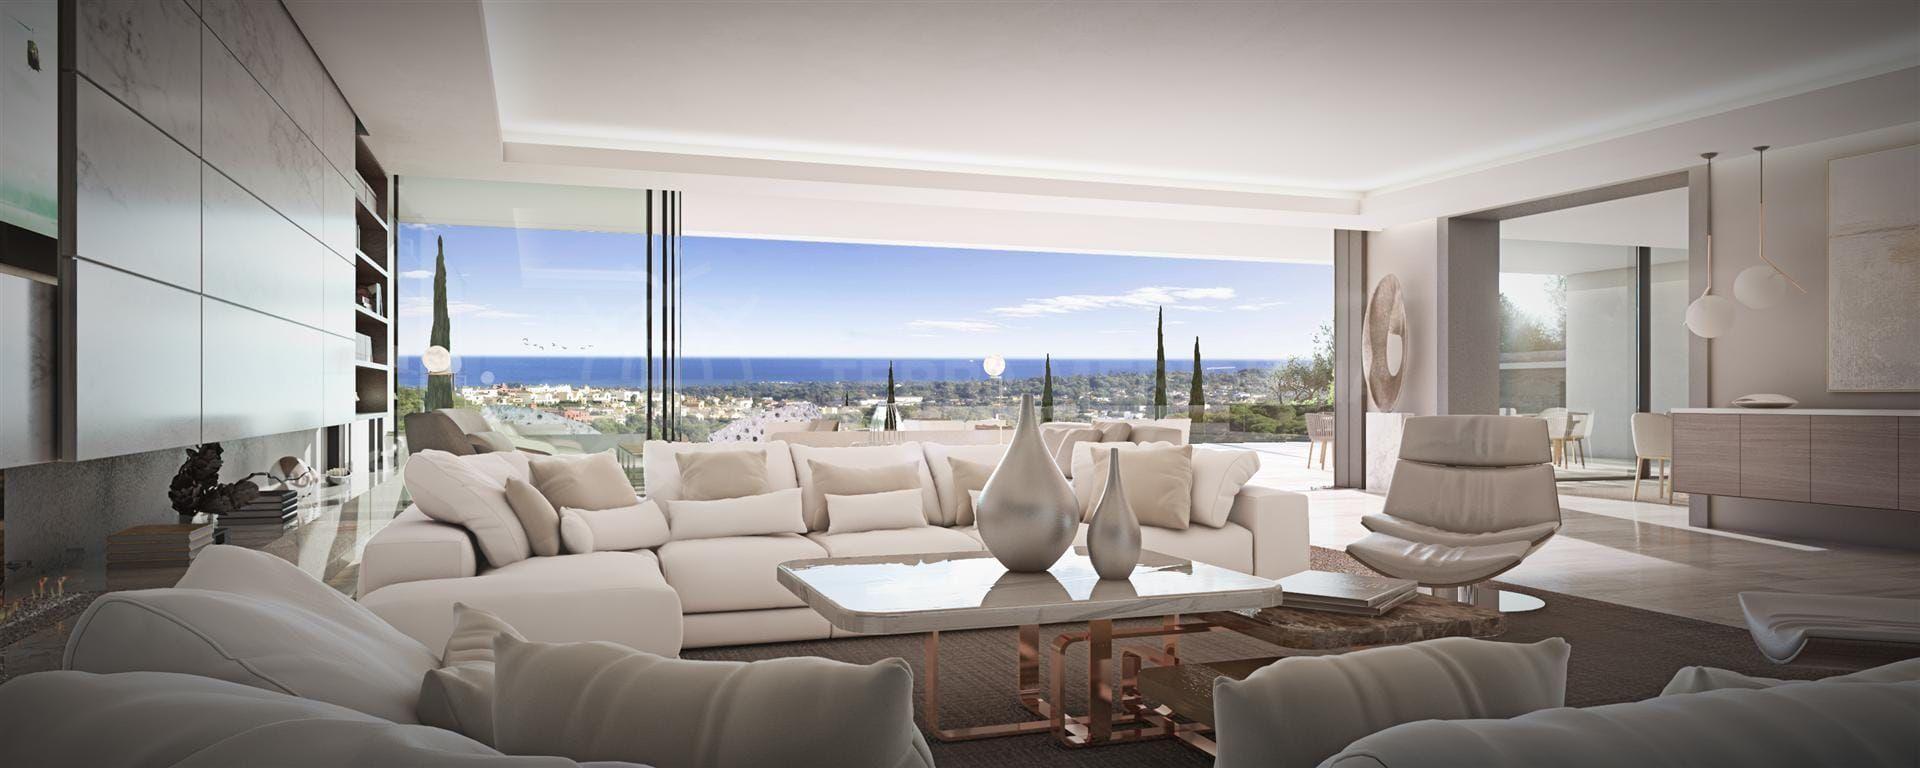 Certificat d'Économie d'Ënergie (CEE)- Vous en aurez besoin pour vendre ou louer votre propriété en Espagne